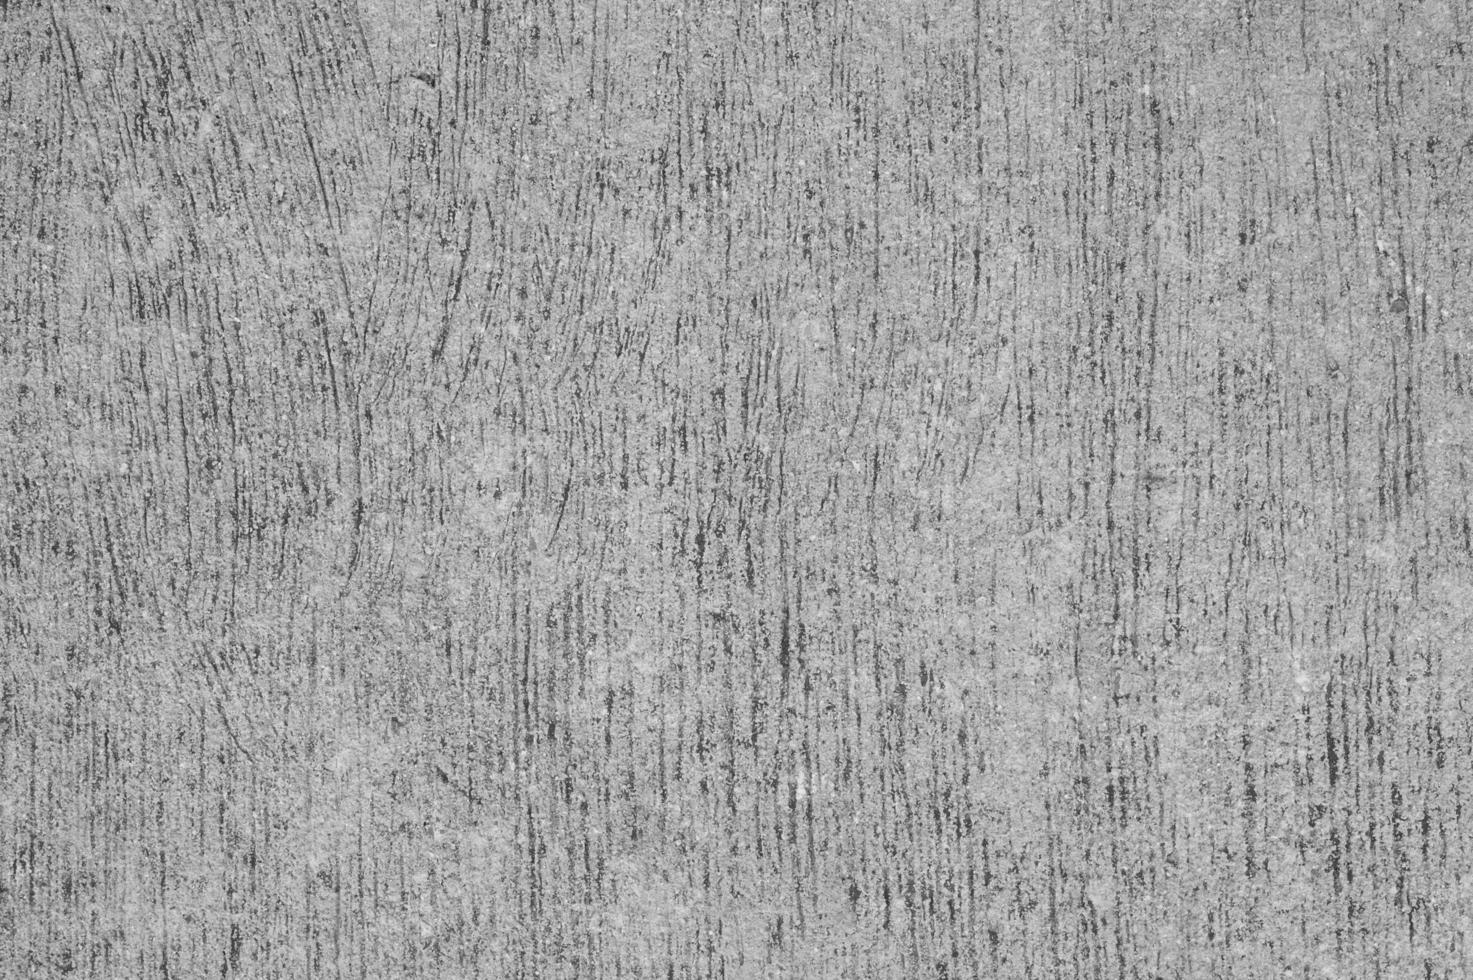 konkrete Textur, Hintergrund foto